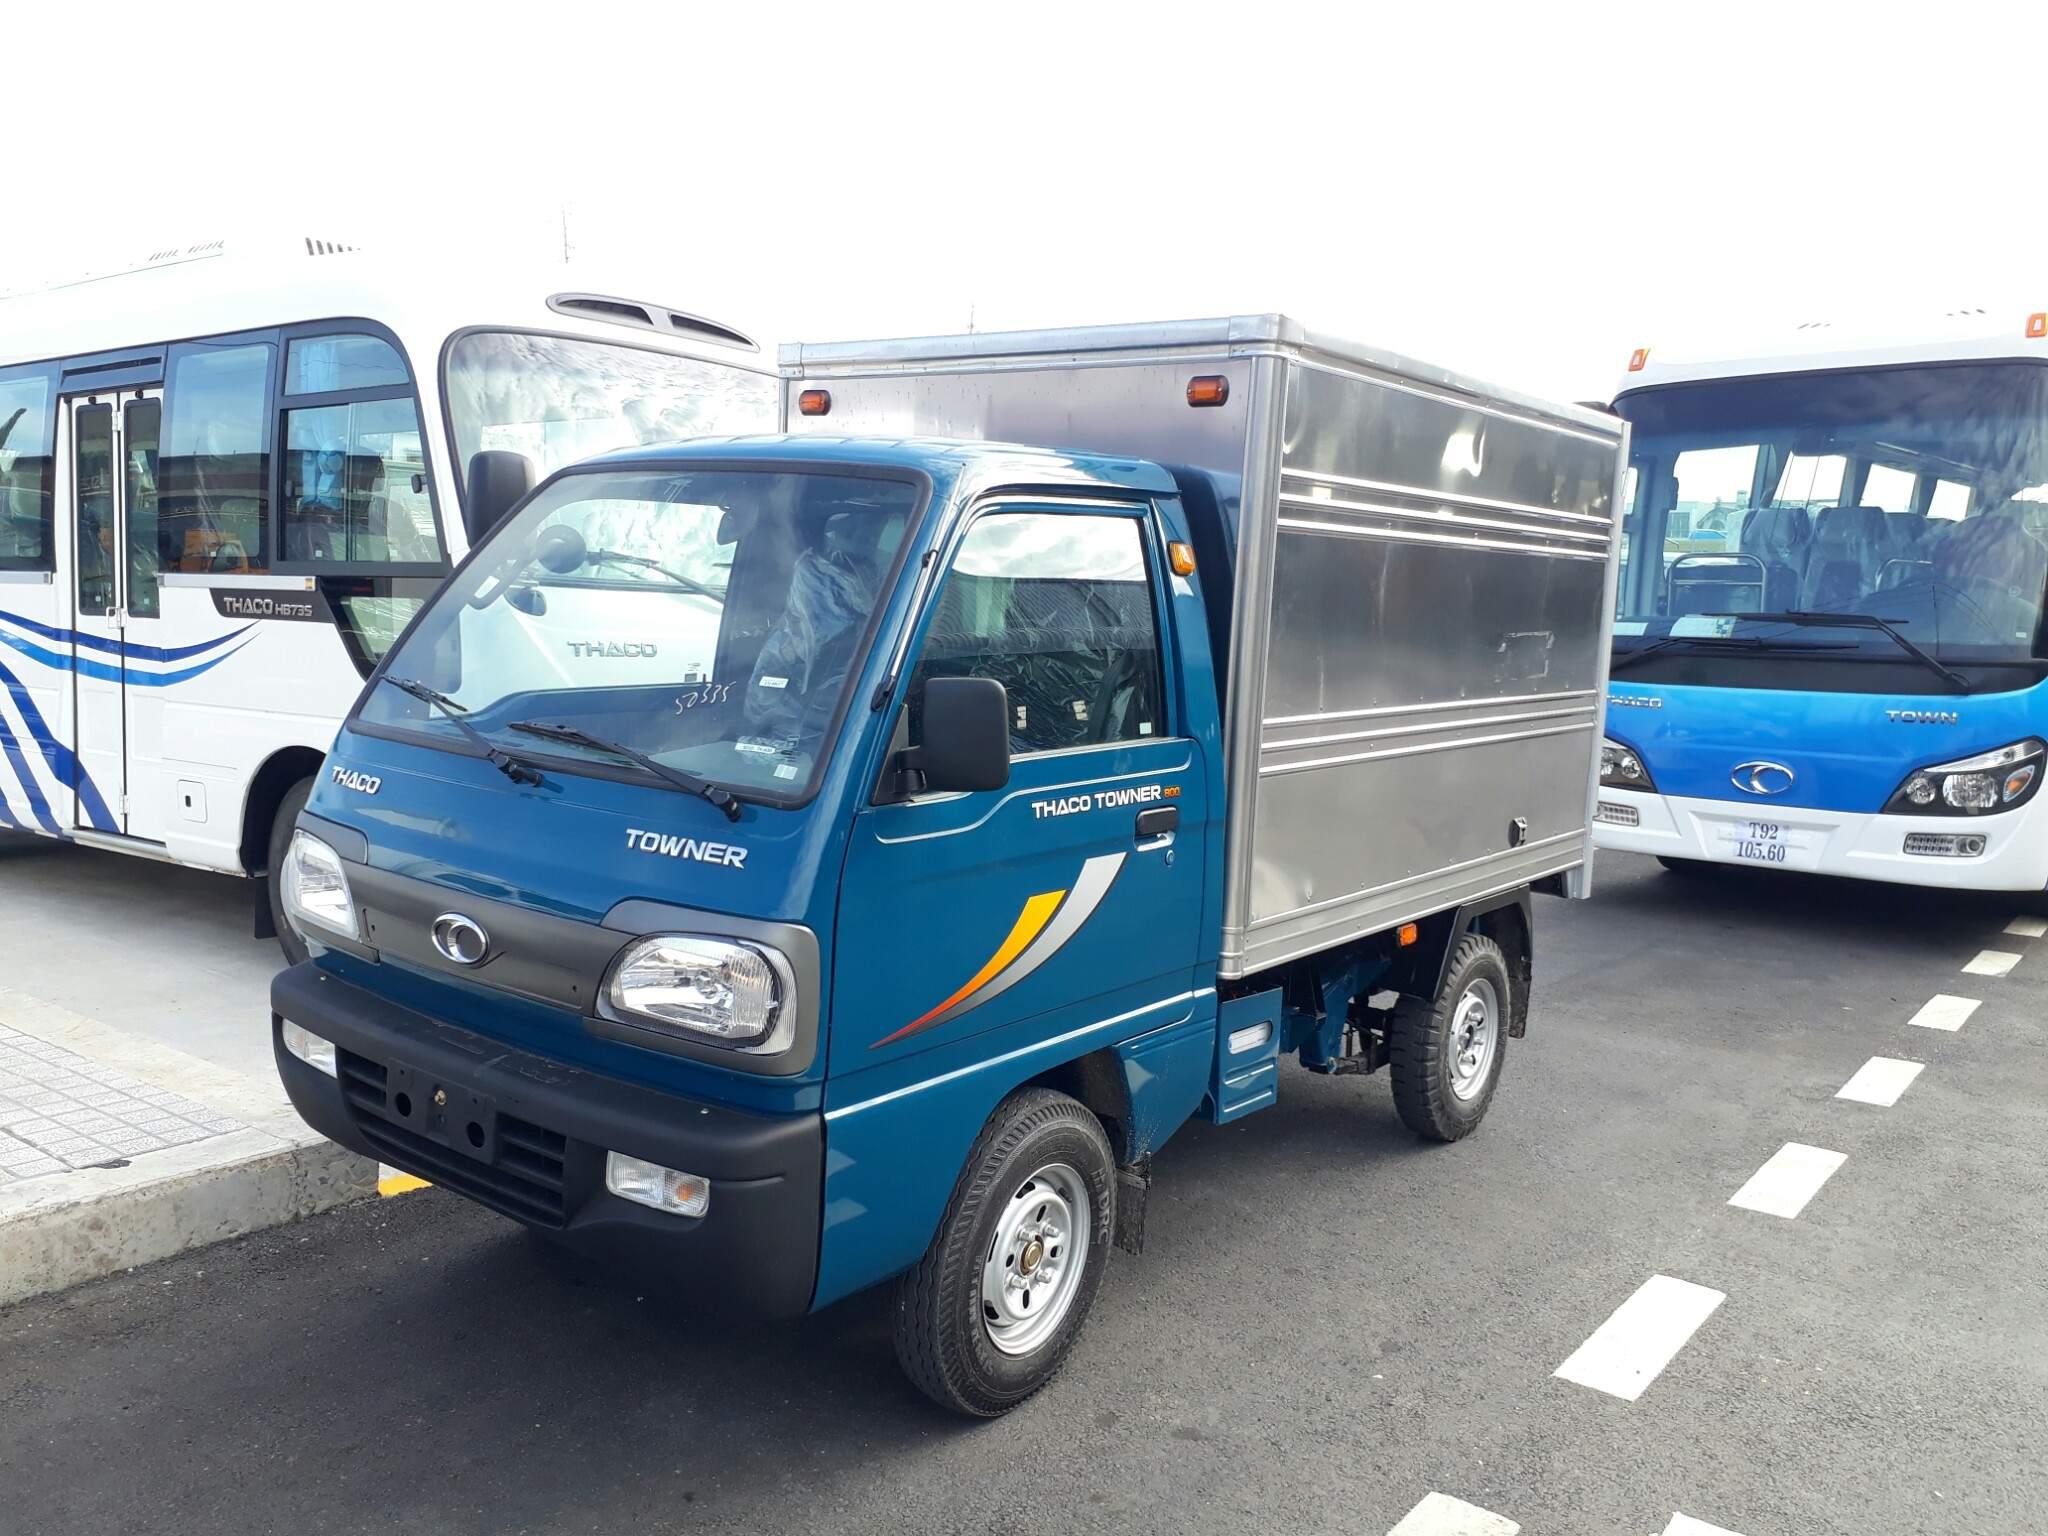 Thuê xe tải nhỏ tại Hà Nội cho rẻ và tốt nhất